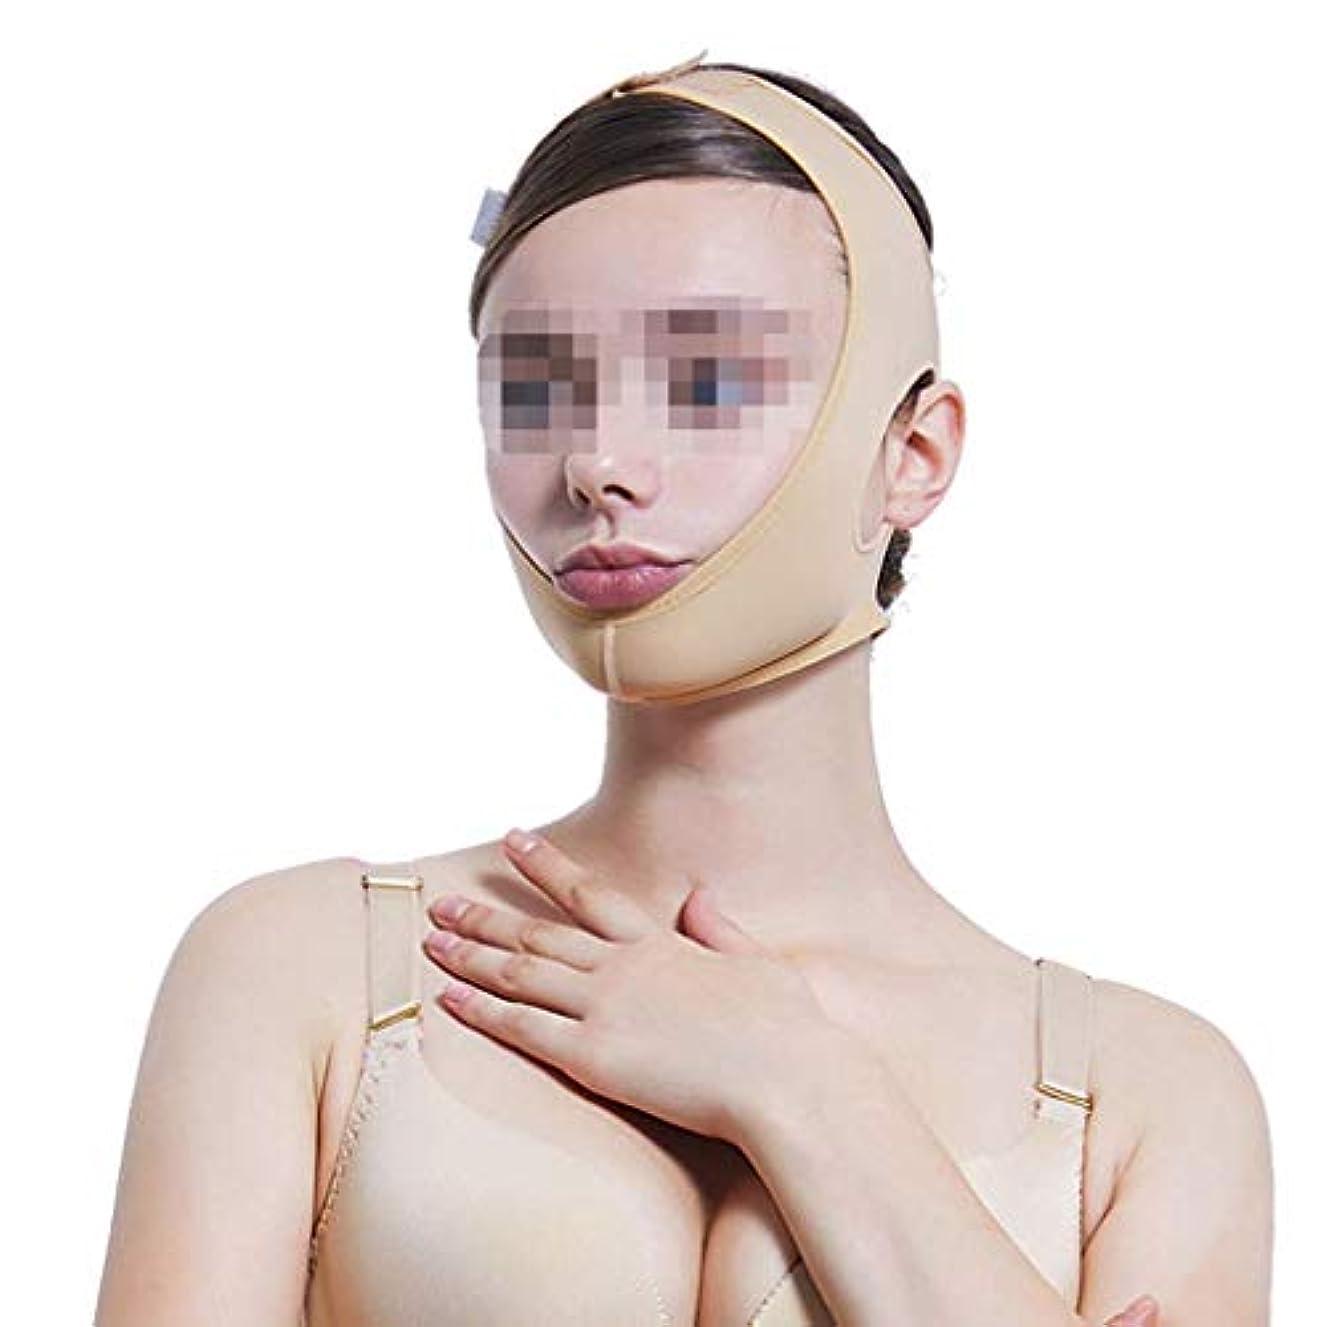 ヨーグルトセクタ不十分なビームフェイス弾性ヘッドギア、ダブルあごのあごのセットをマスクの後に線彫り薄いフェイス包帯マルチサイズオプション(サイズ:XS),XS